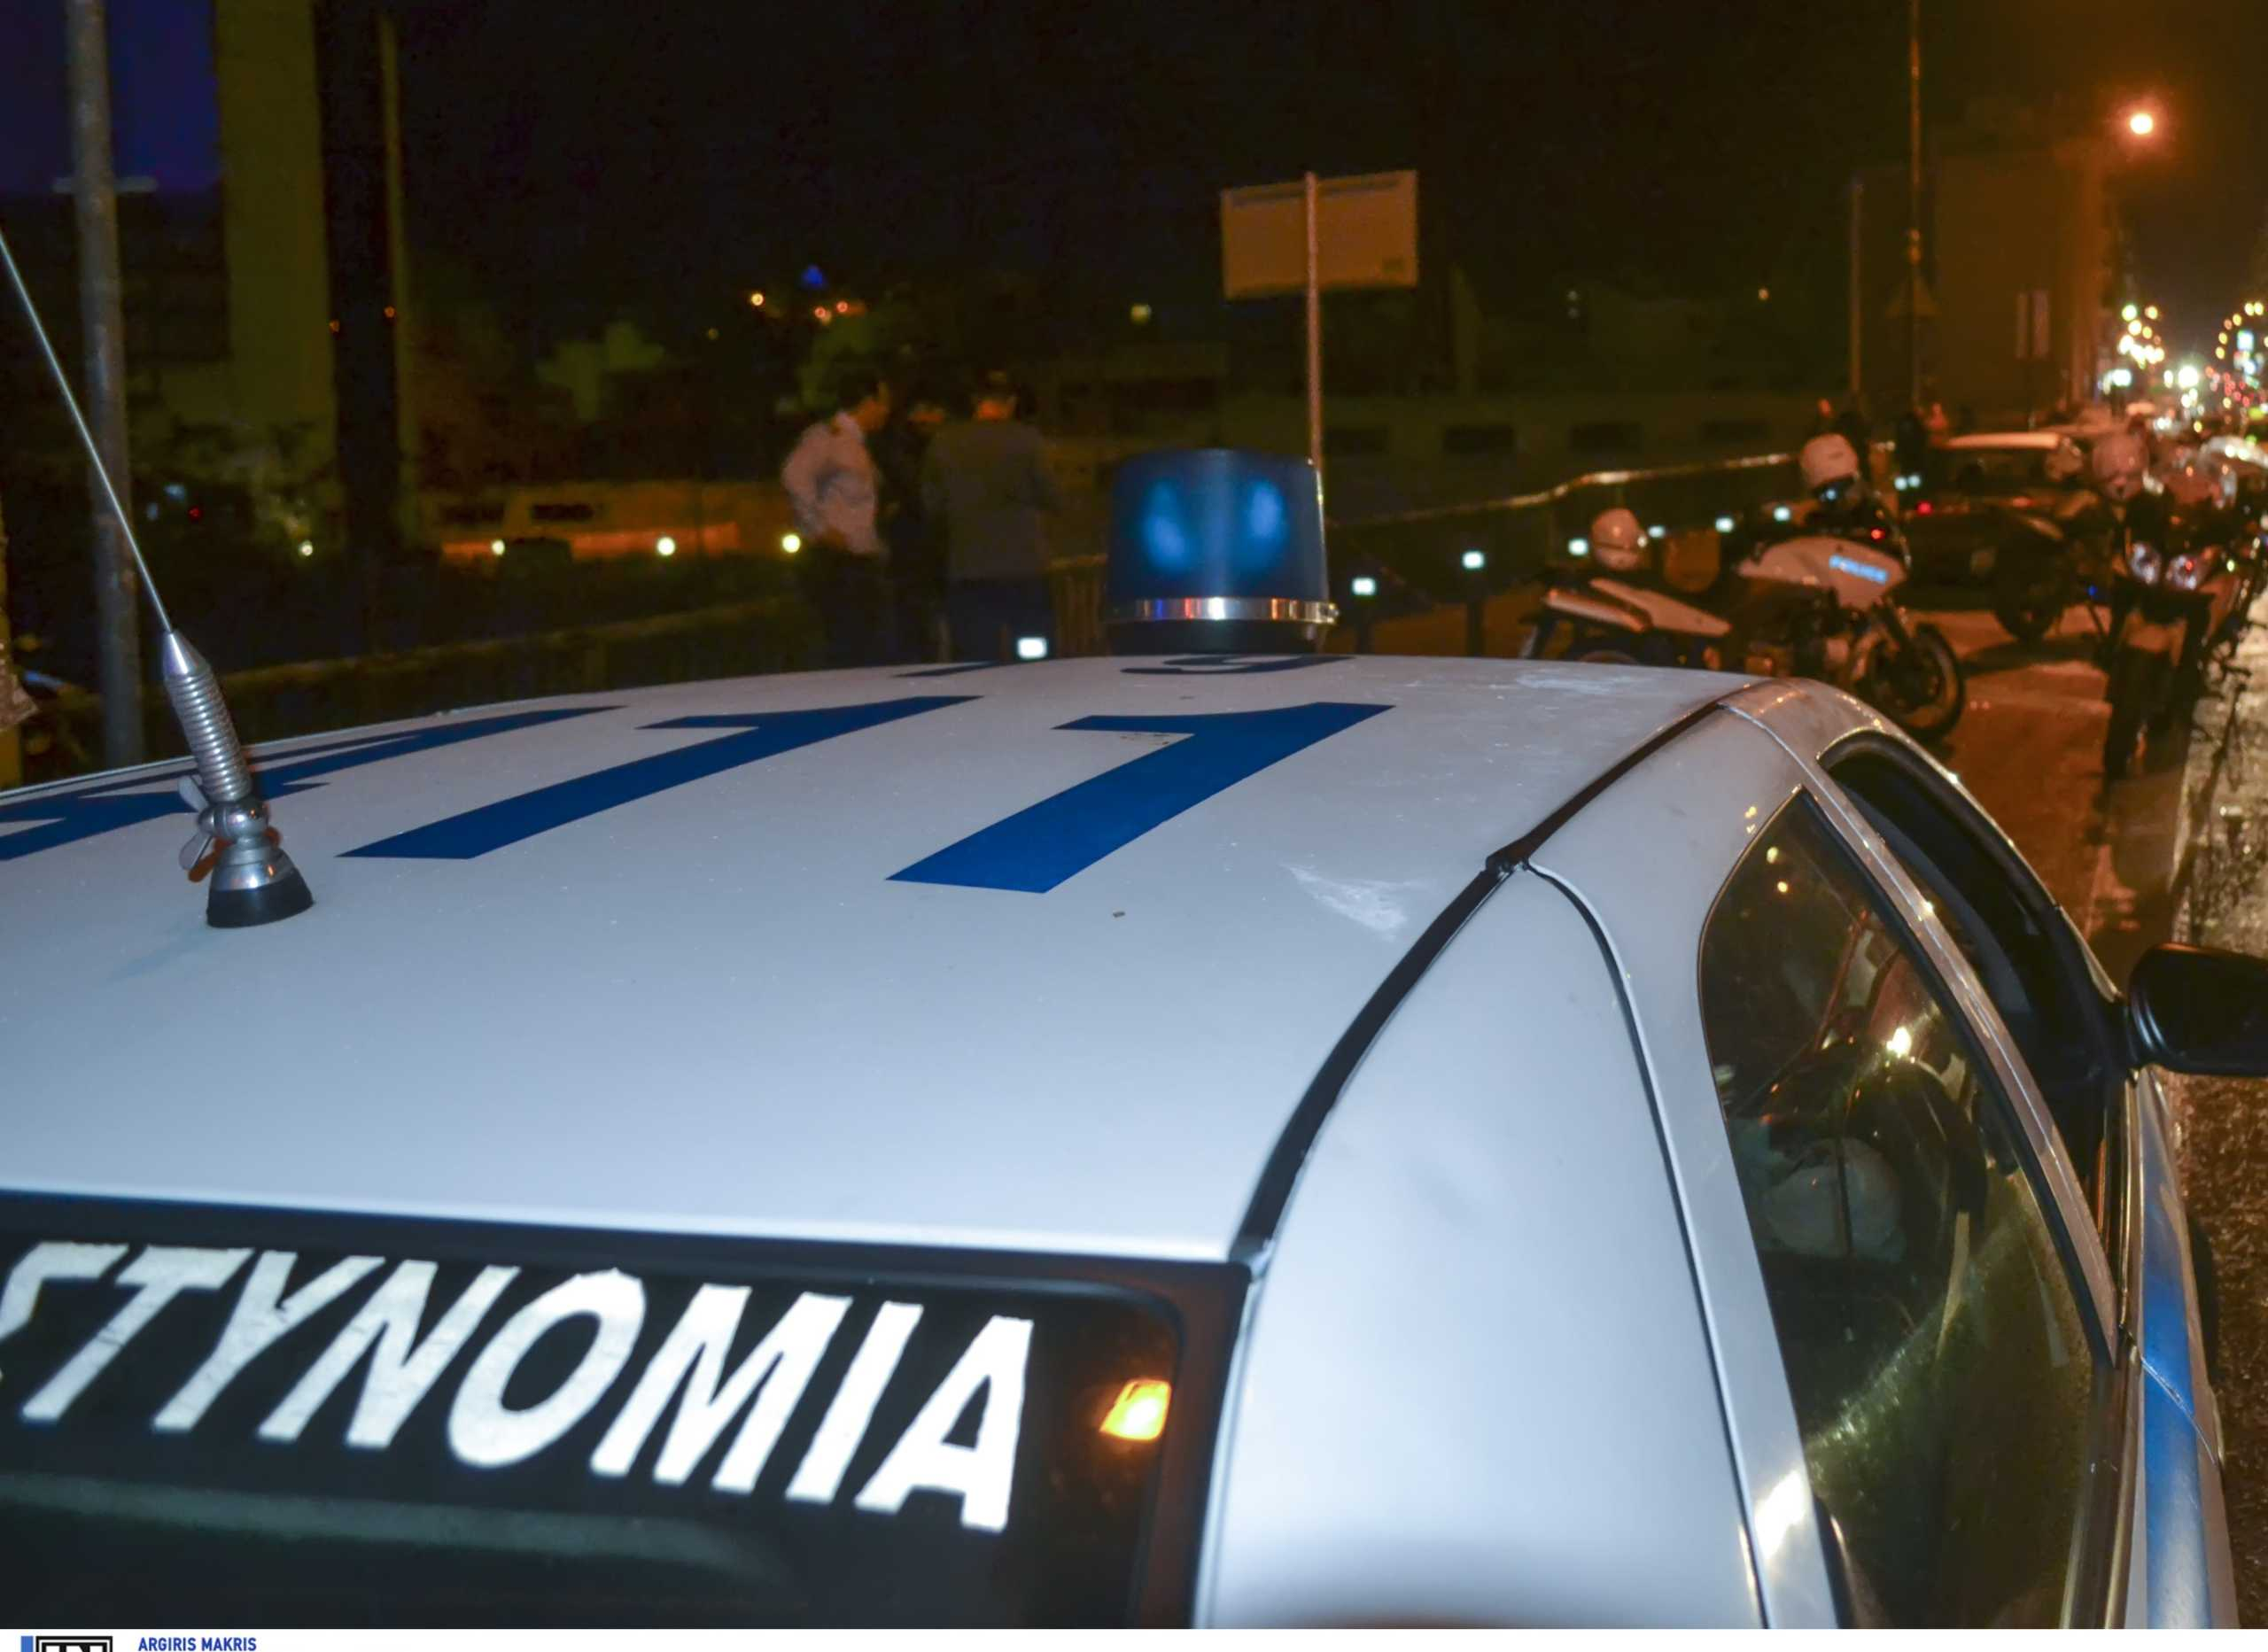 Εύβοια: Απανωτές διαρρήξεις λίγες ώρες πριν το lockdown! Αναστάτωση στην Αυλίδα